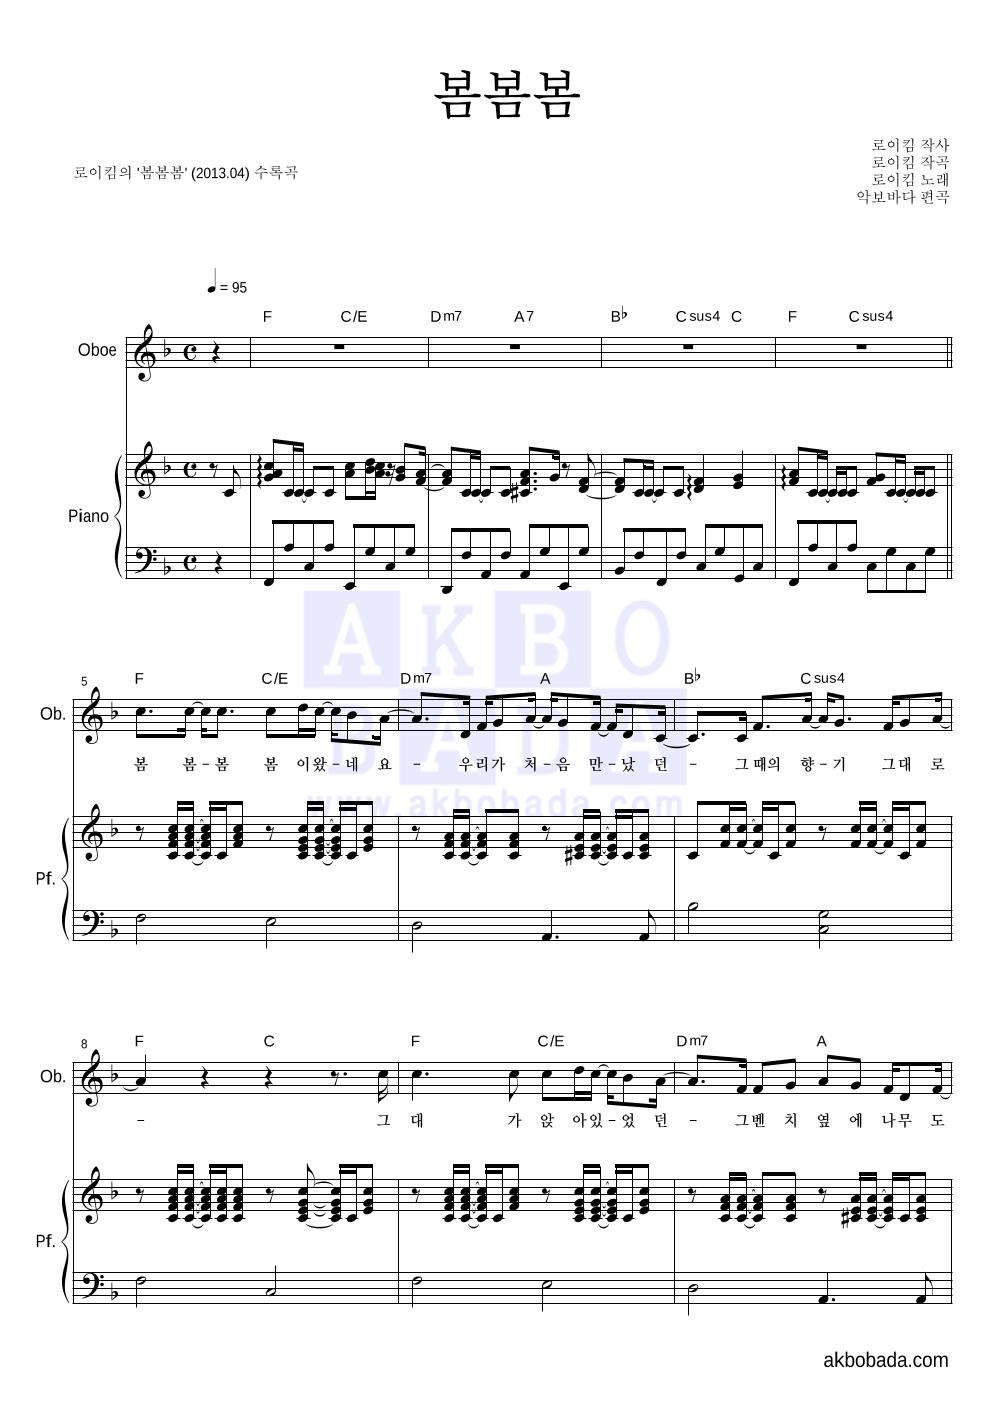 로이킴 - 봄봄봄 오보에&피아노 악보